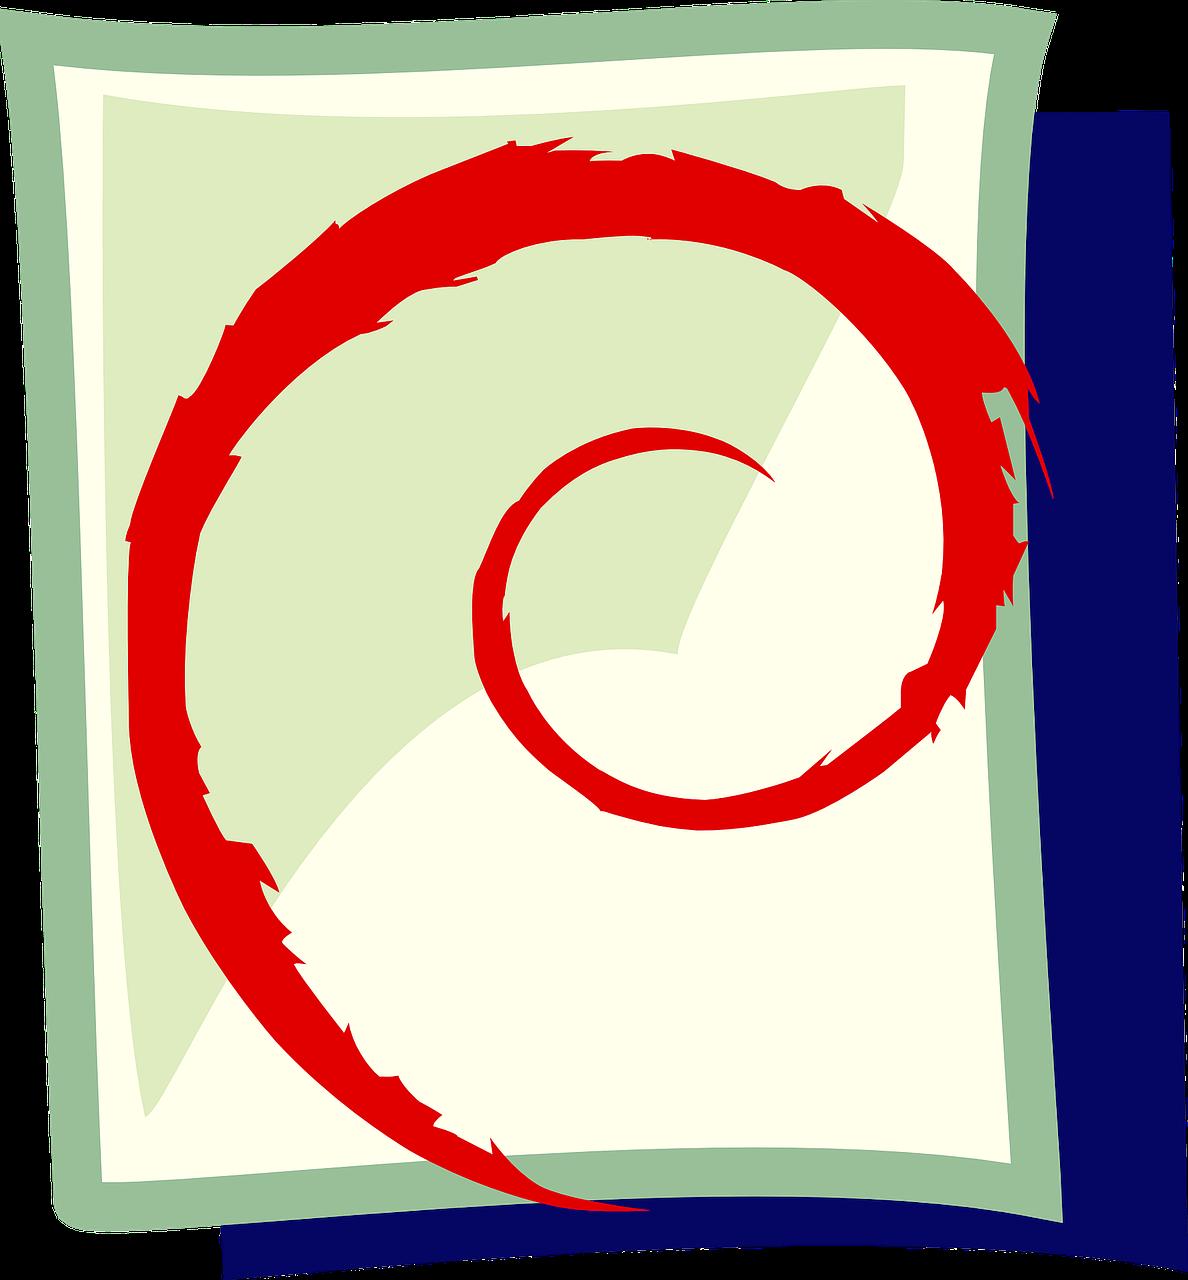 La importancia del diseño del logotipo